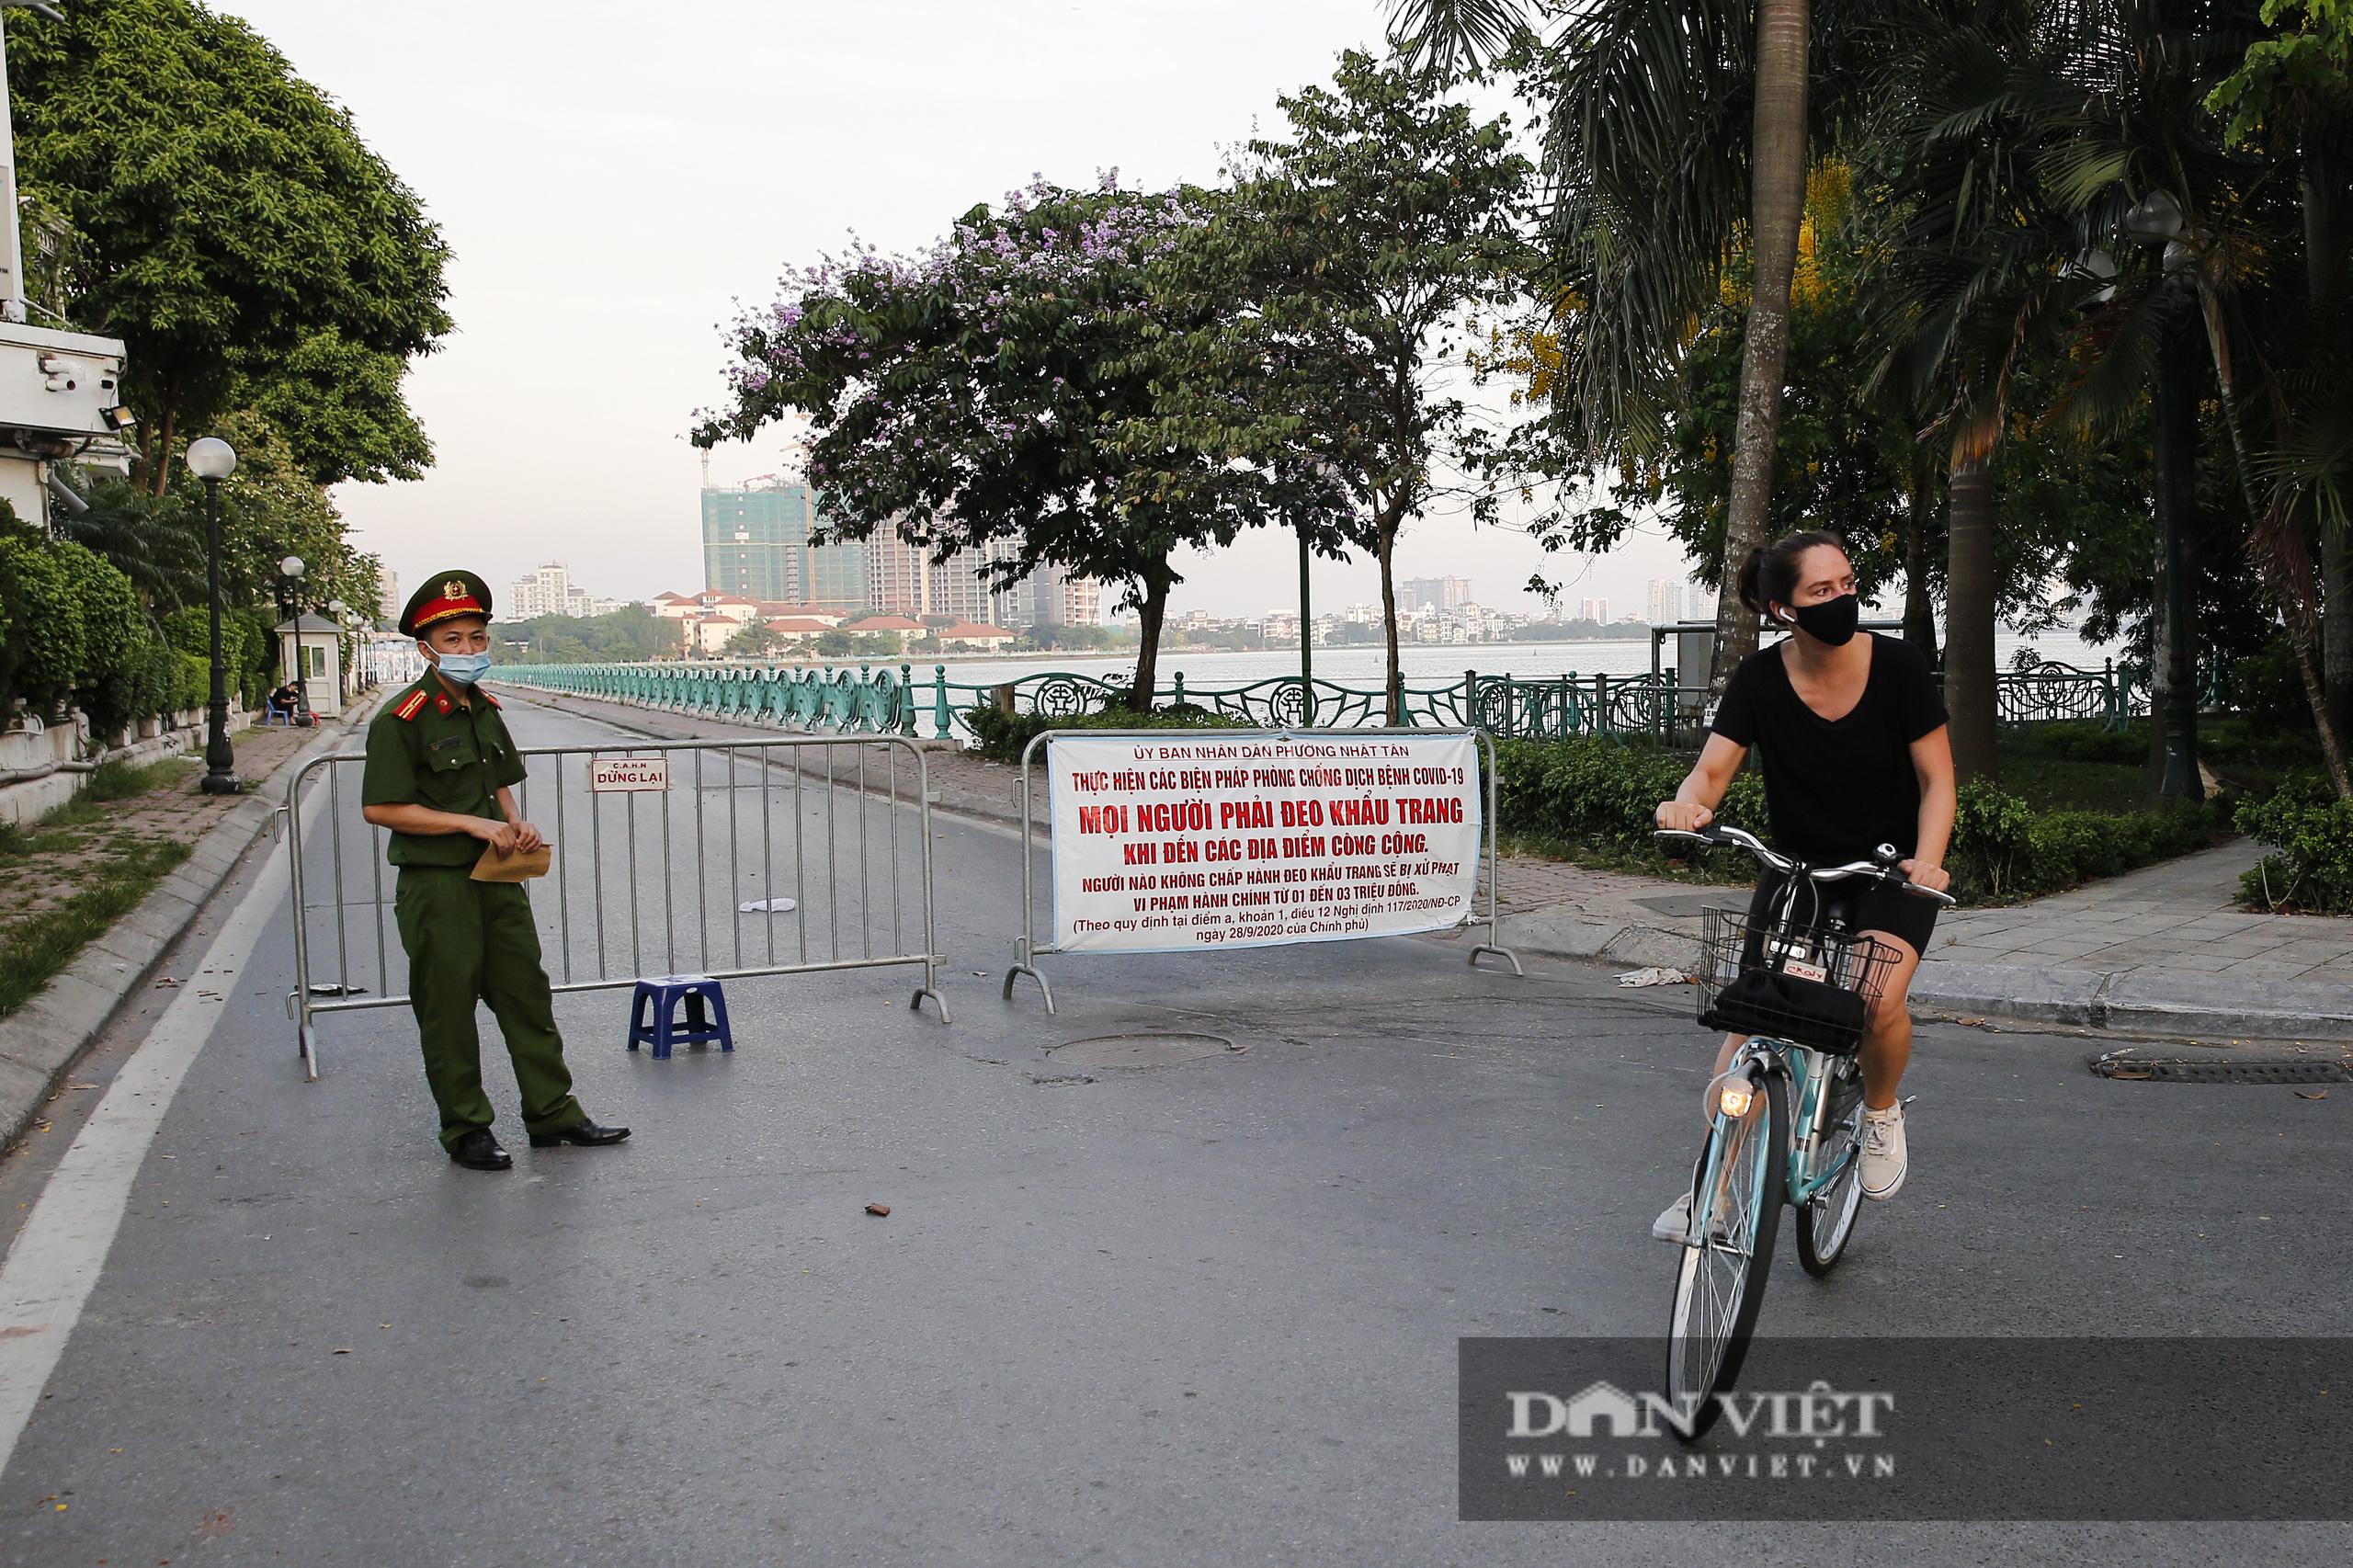 Công an lập chốt chặn, hồ Tây vẫn đông nghịt người đạp xe, tập thể dục - Ảnh 5.